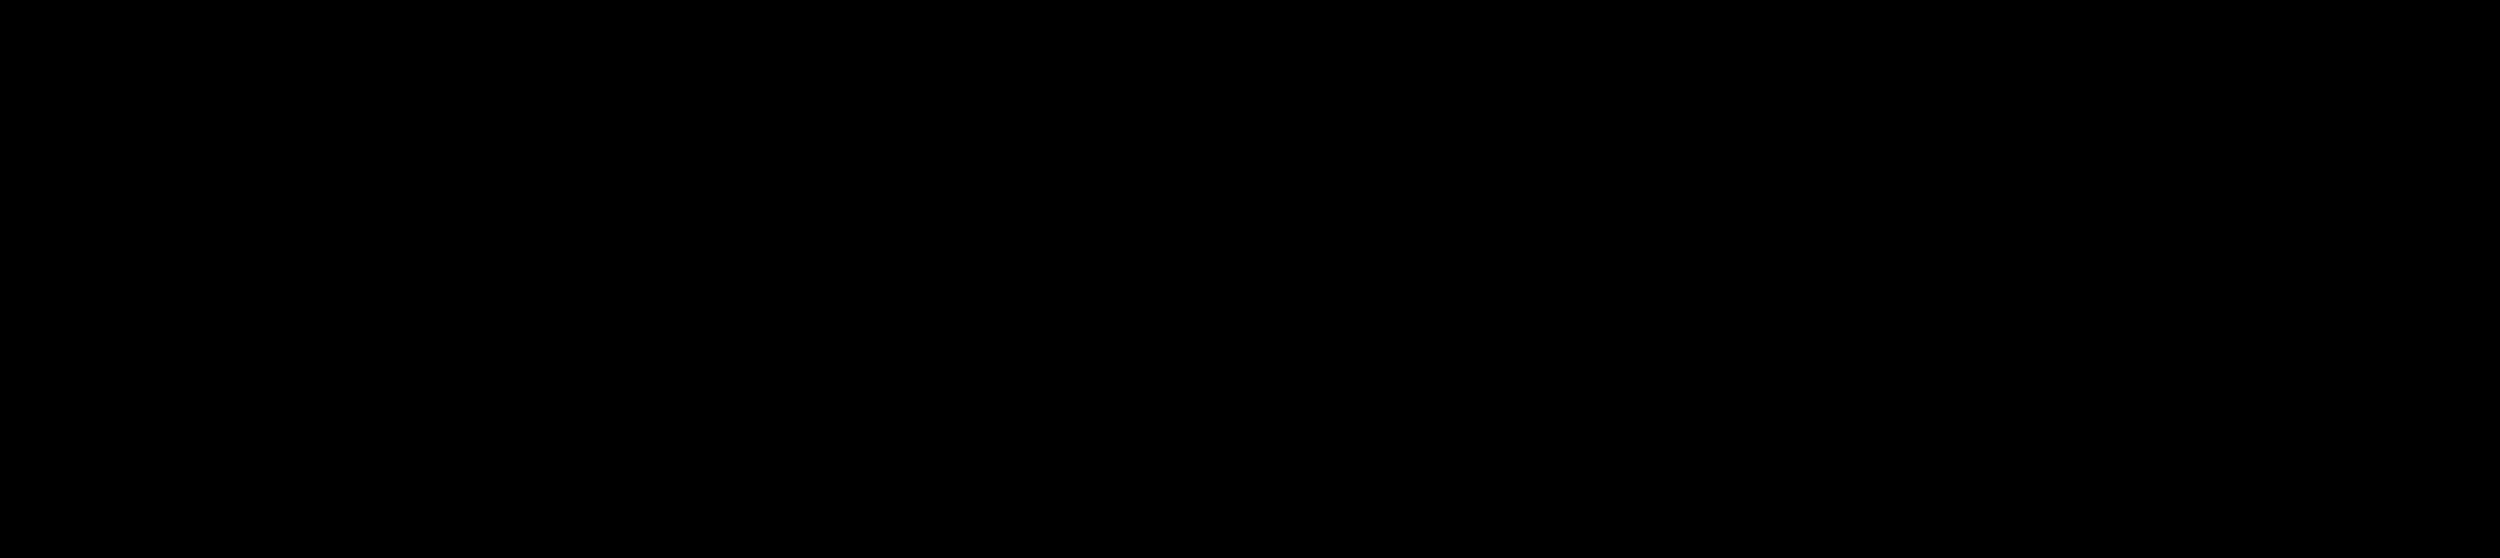 klarna_logo_black.png